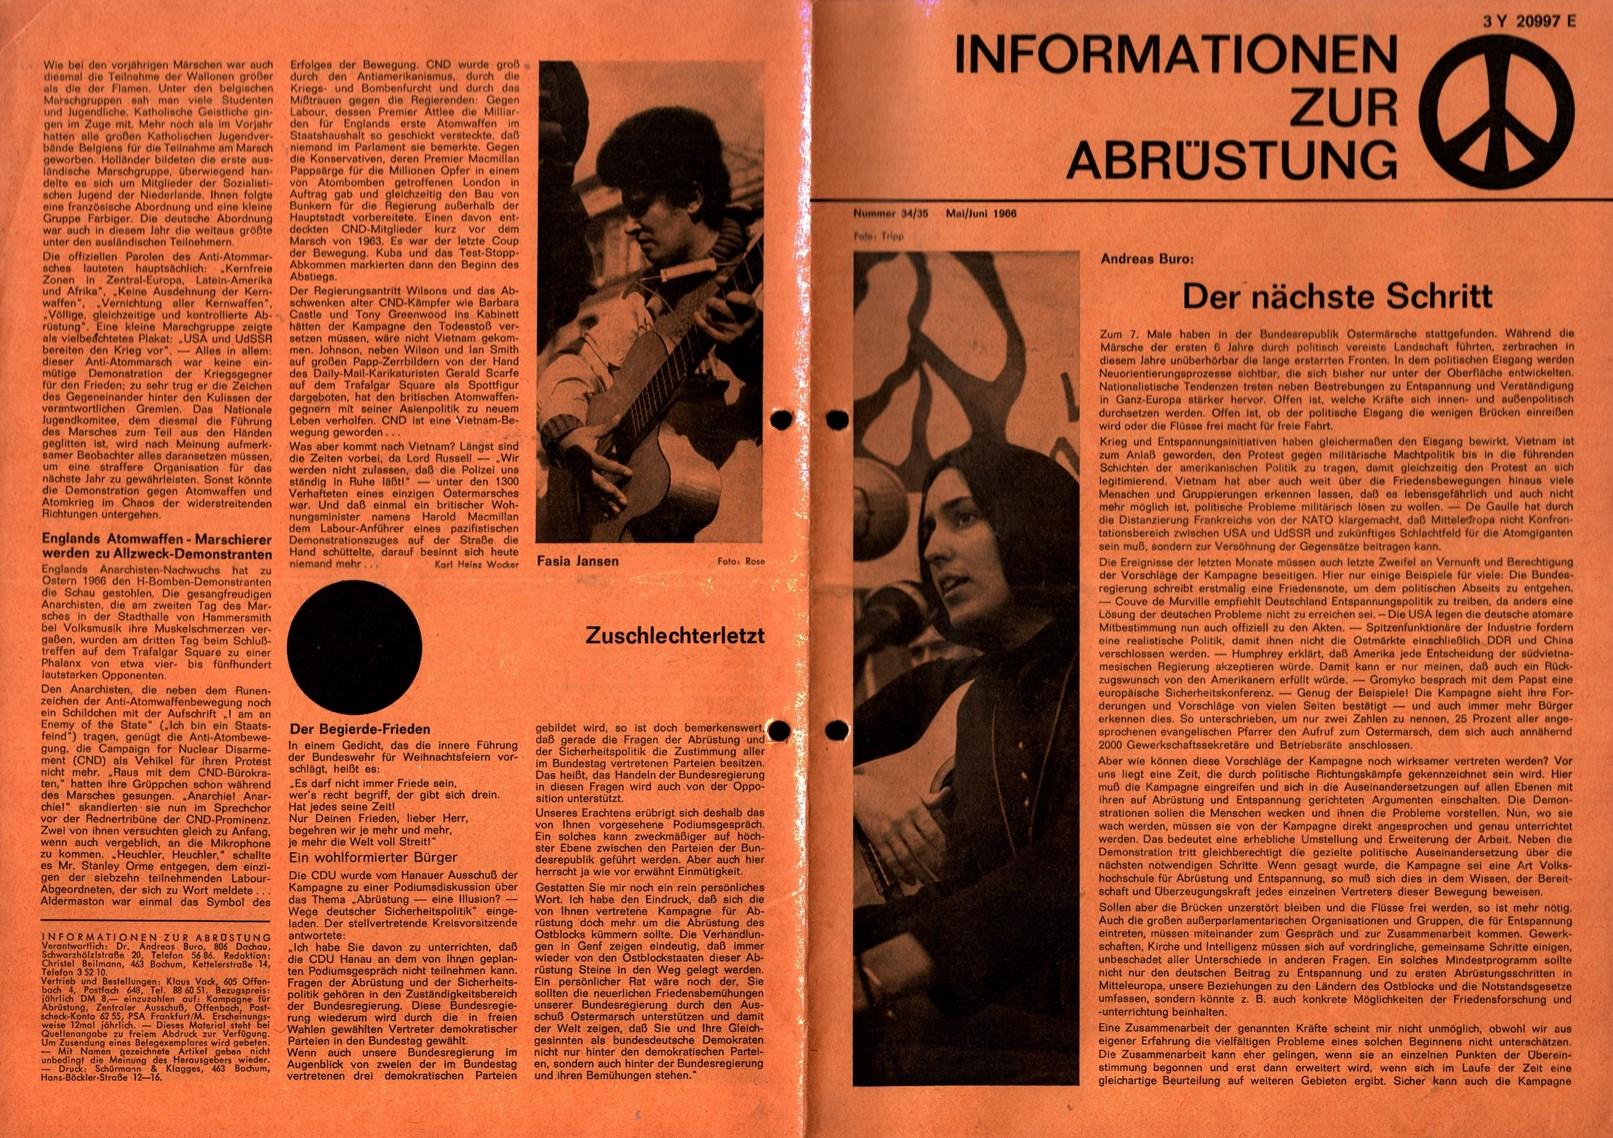 Infos_zur_Abruestung_1966_034_035_001